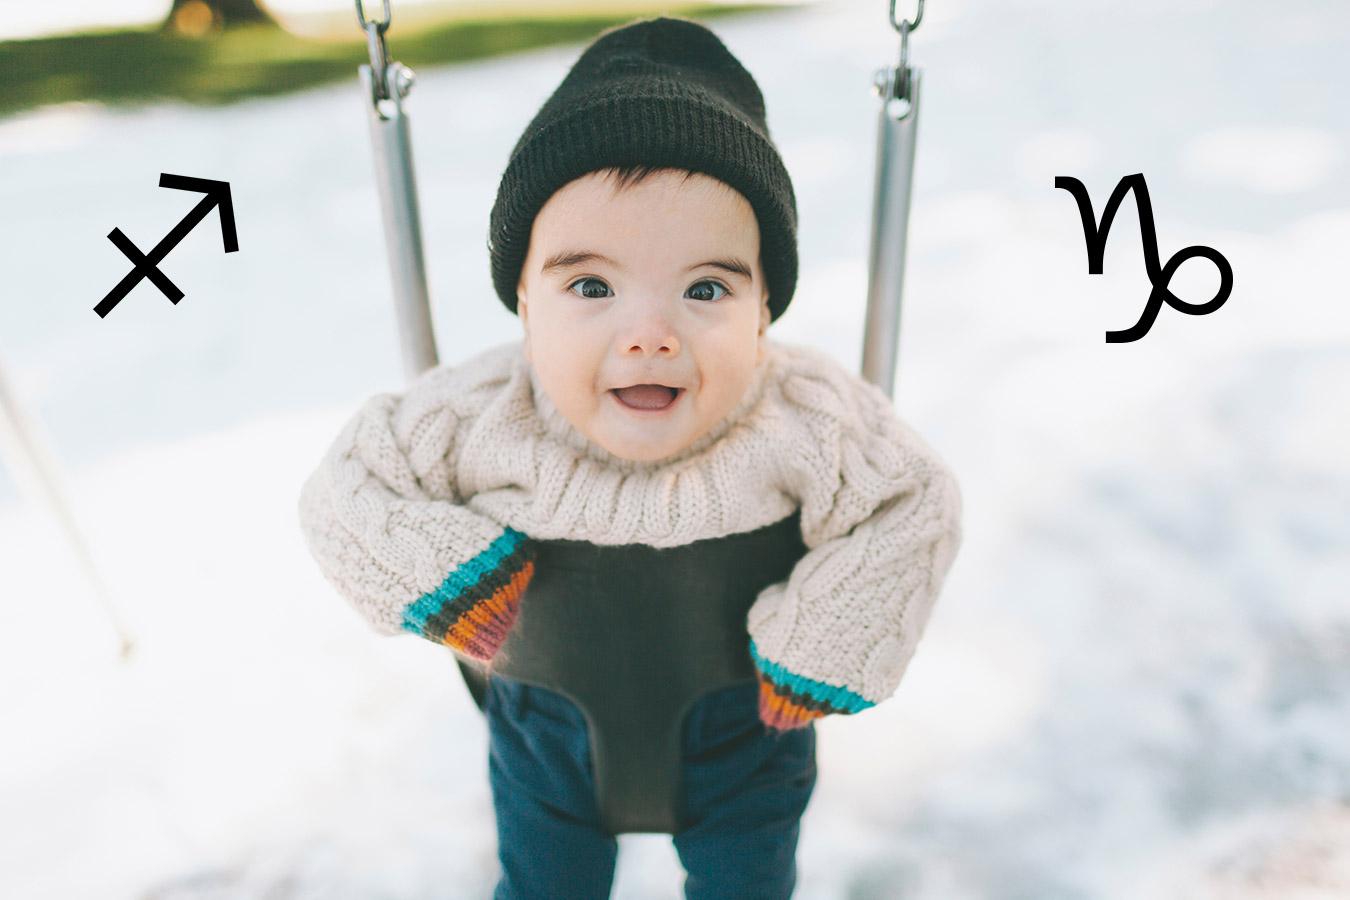 Grudzień: znak zodiaku – Jaki znak zodiaku mają osoby urodzone w grudniu?